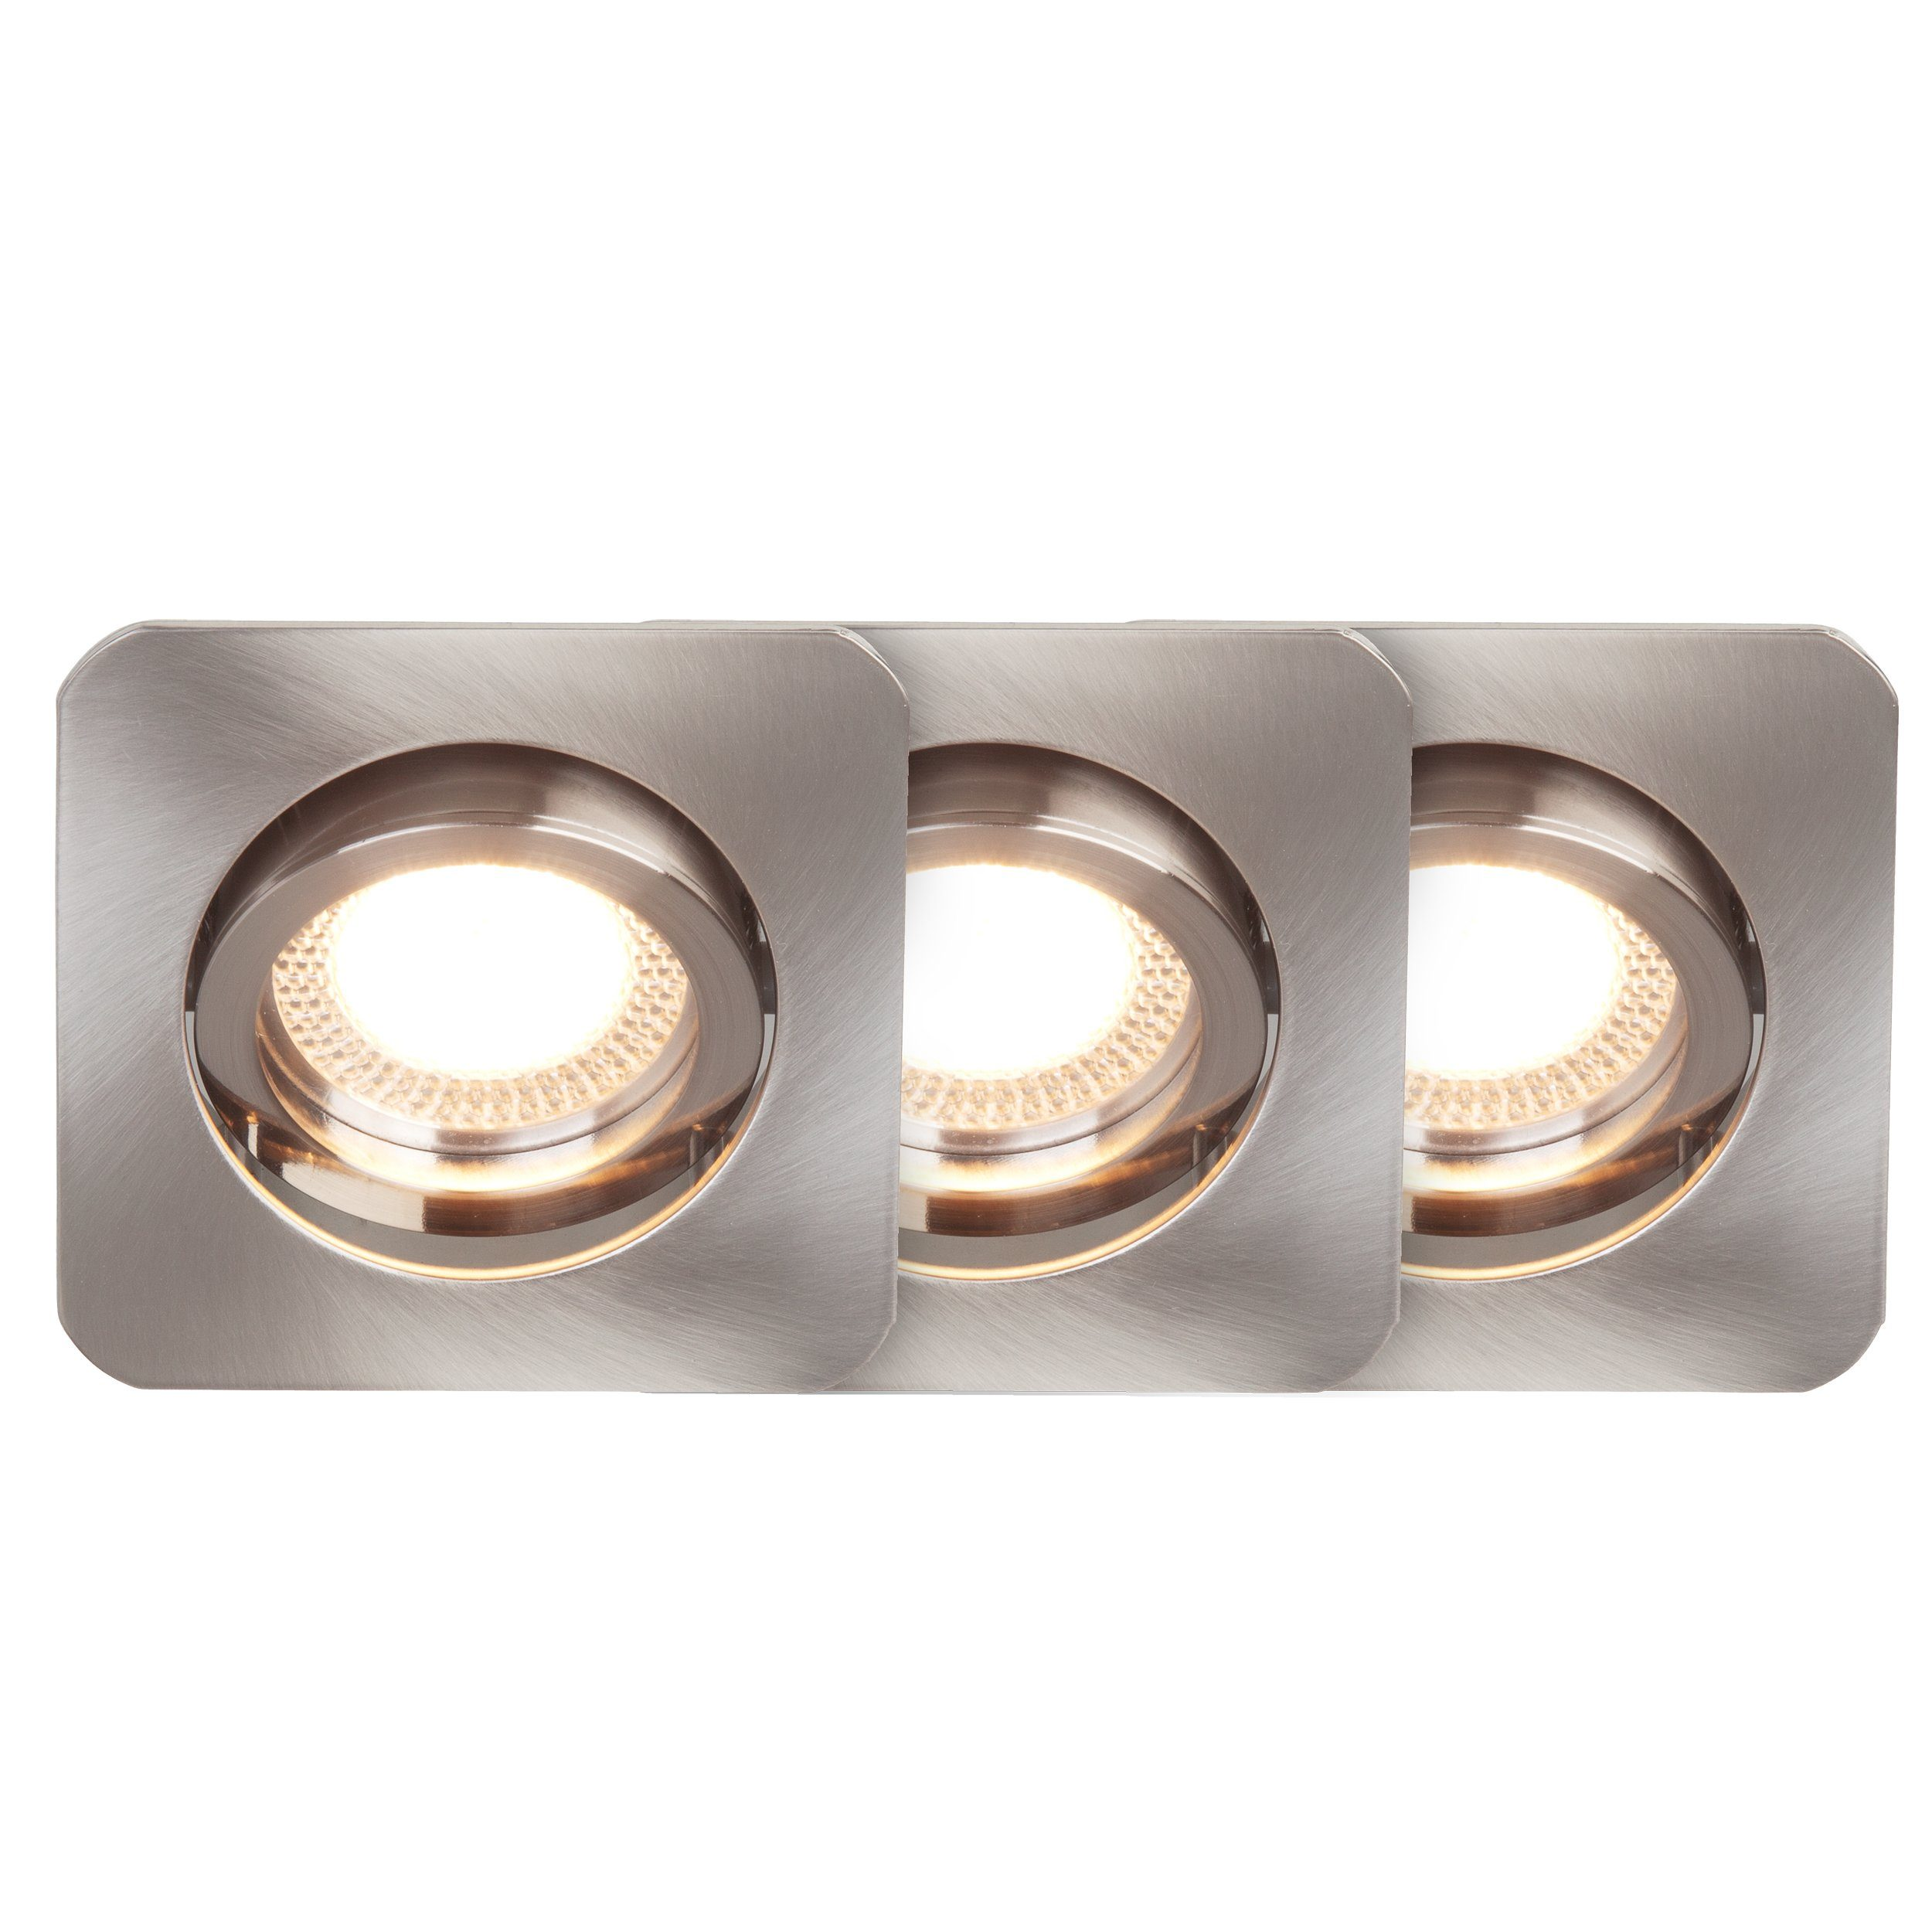 Brilliant Leuchten Easy Clip LED Einbauleuchtenset: 3St. schwenkbar eisen quadr.